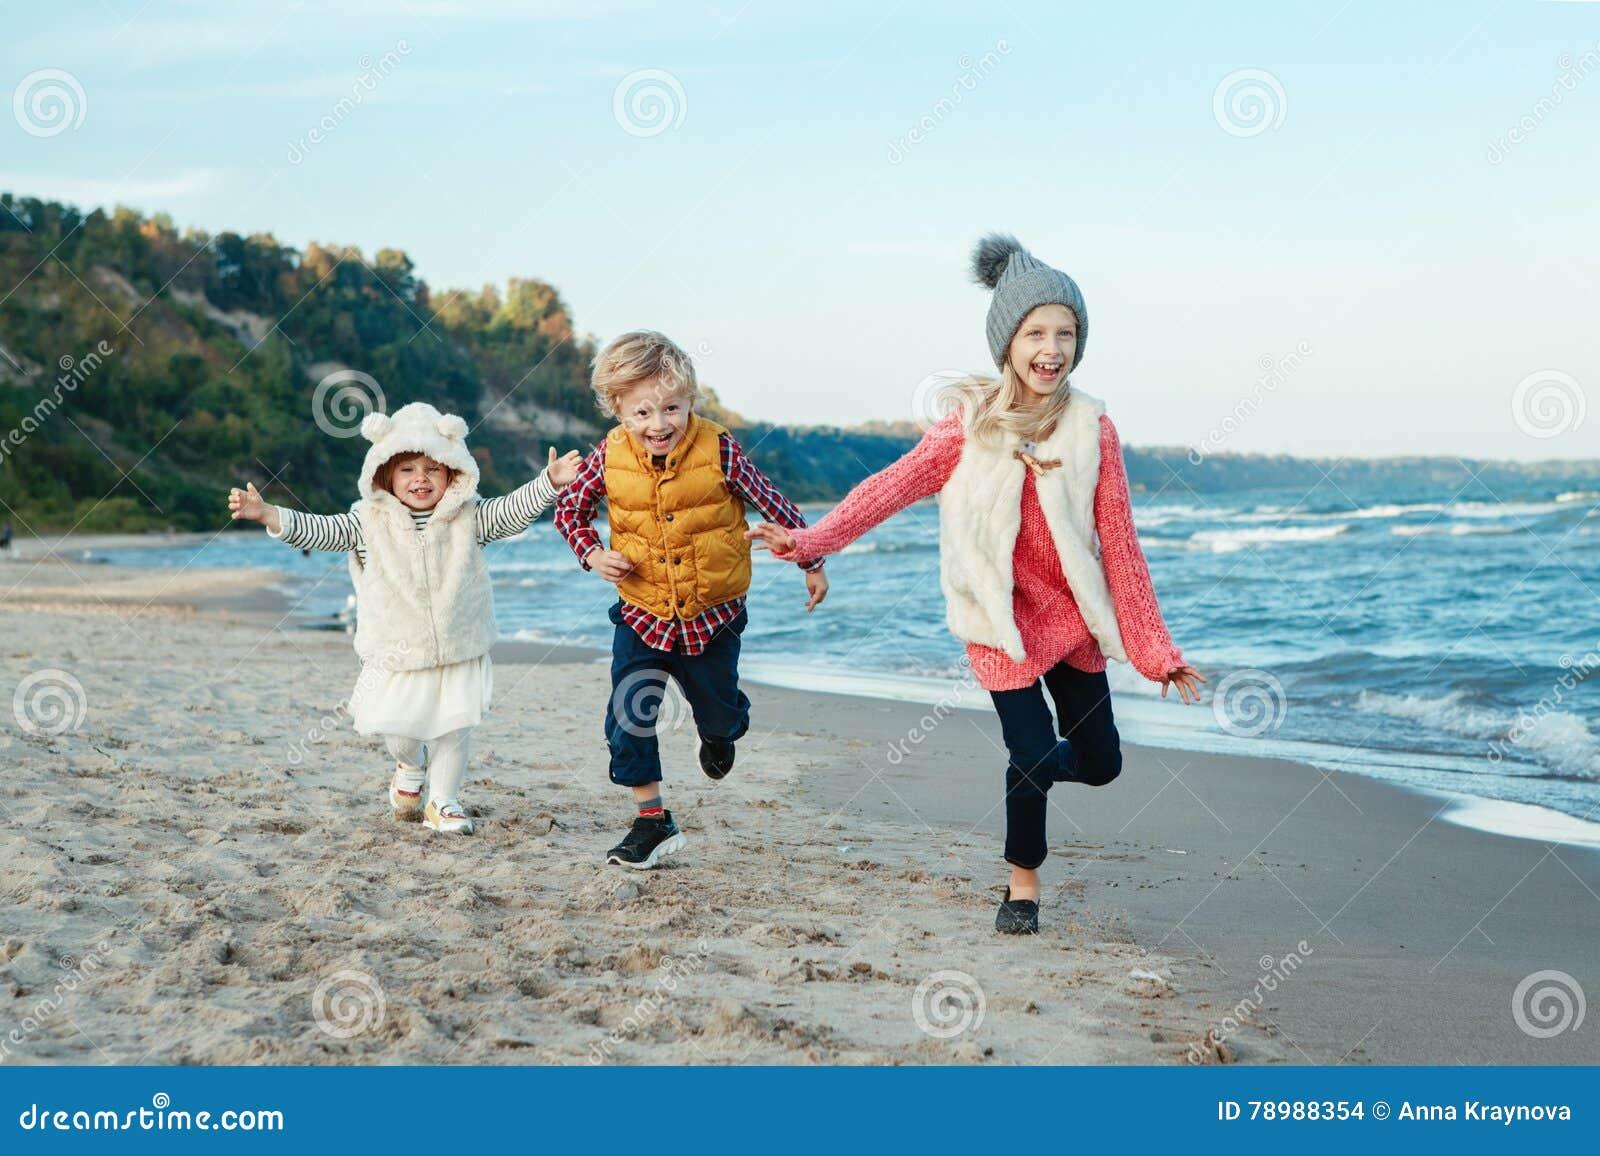 Foto Divertenti Bambini Al Mare tre bambini caucasici bianchi di risata sorridenti